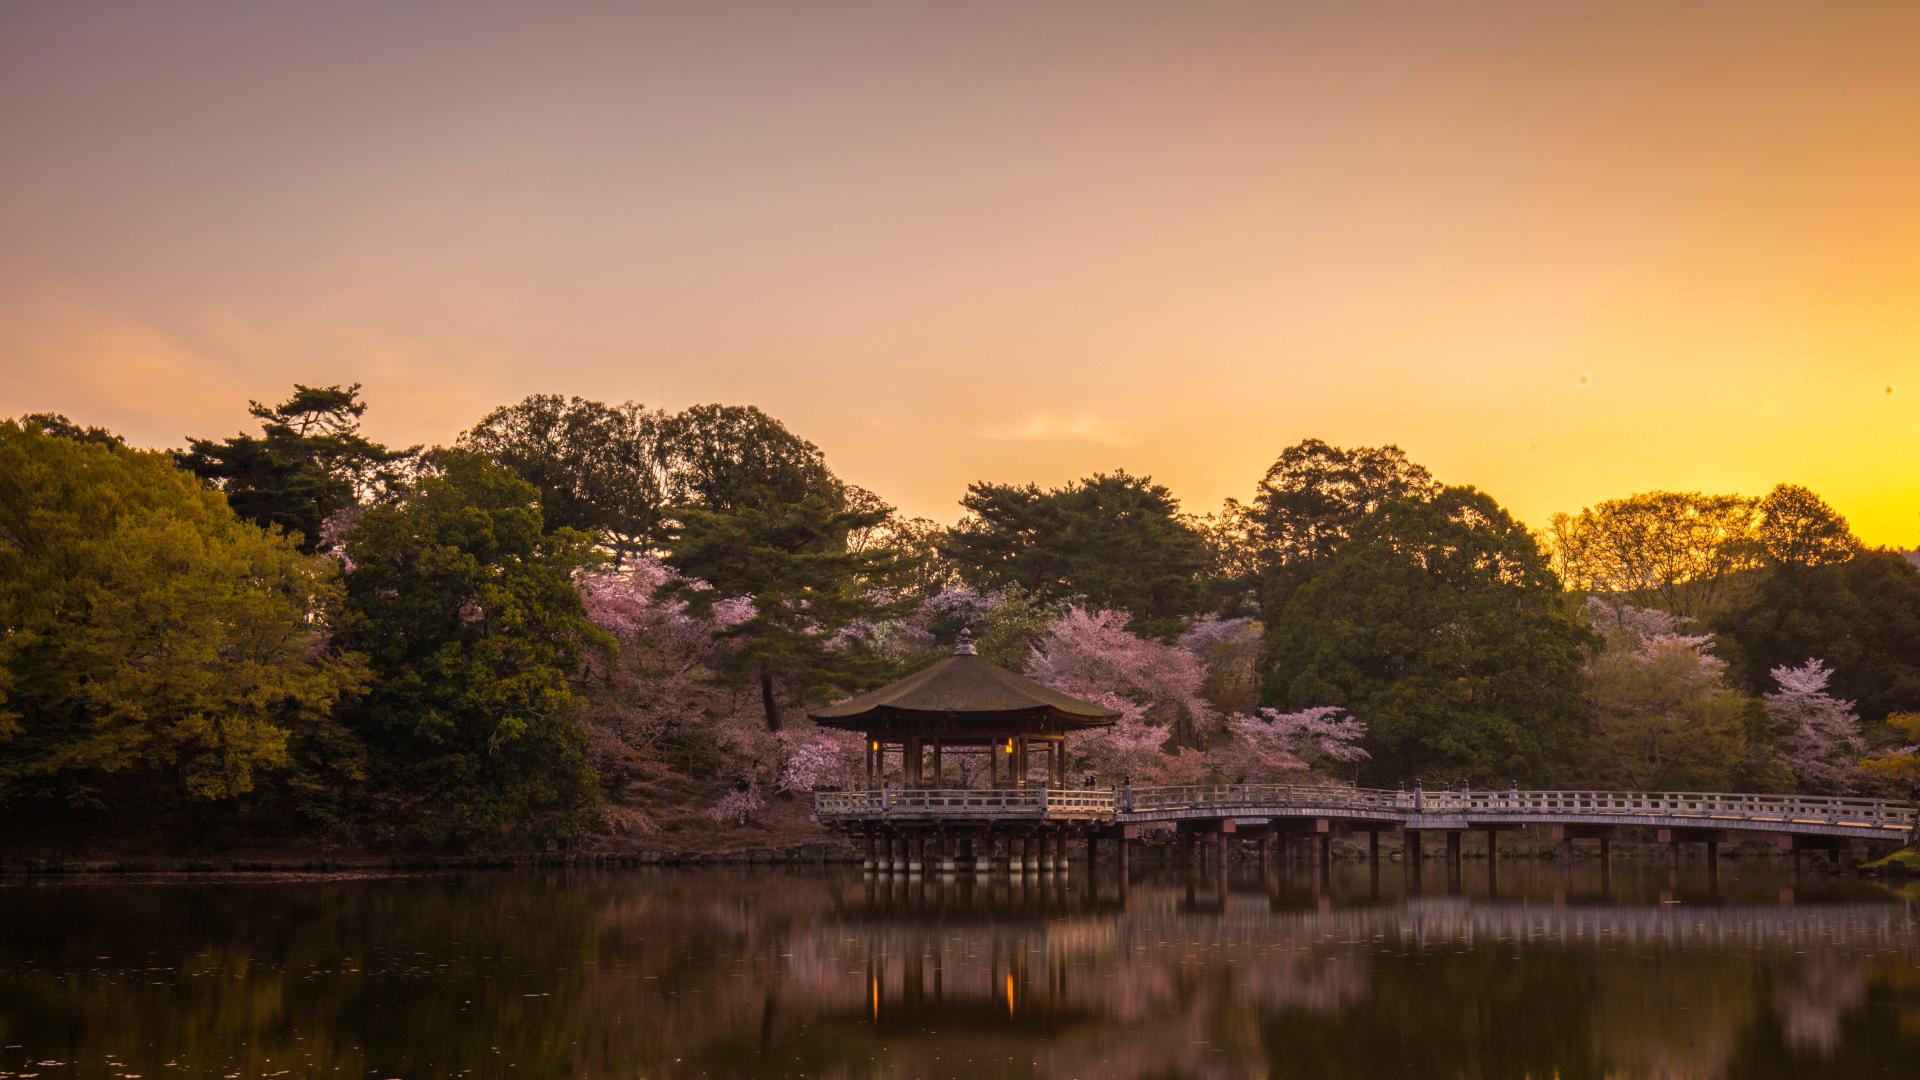 3916081_m 奈良県  奈良公園(鹿と桜の美しい景色が見れる春におすすめの桜スポット! 写真の紹介、アクセス情報や駐車場情報など)